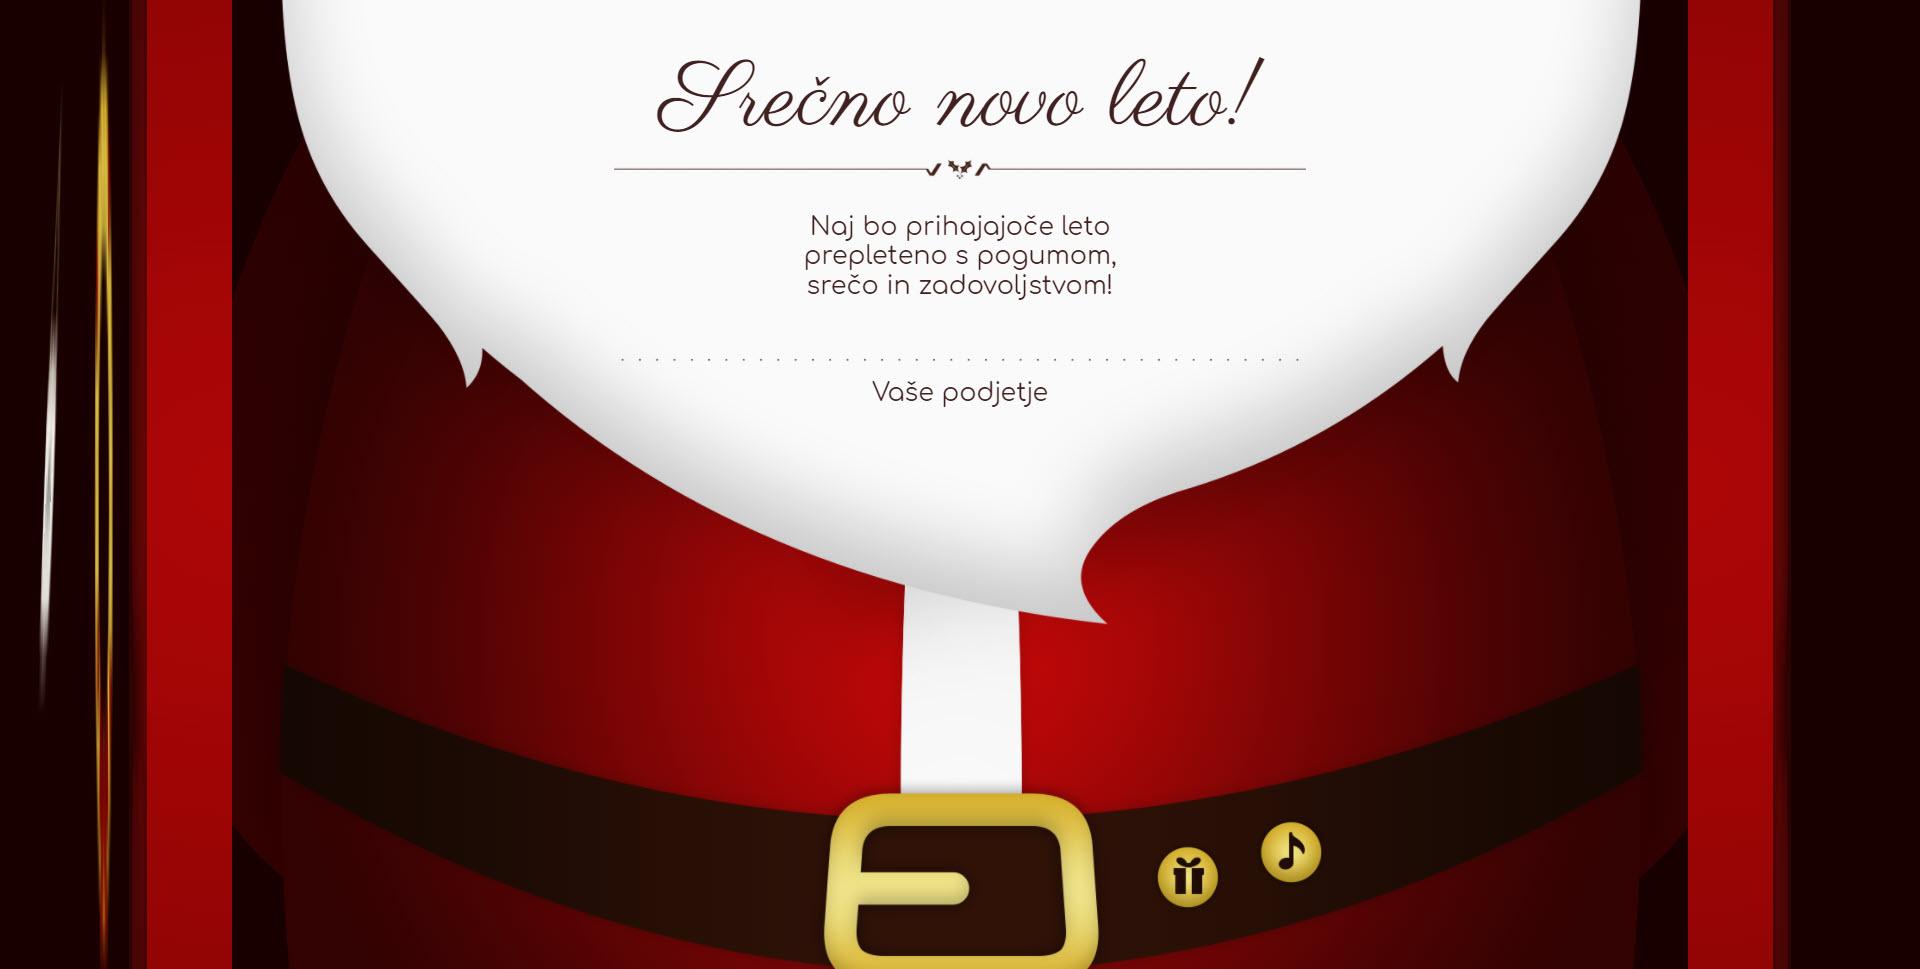 christmas card santa claus open the door version dark - Naročilo voščilnice